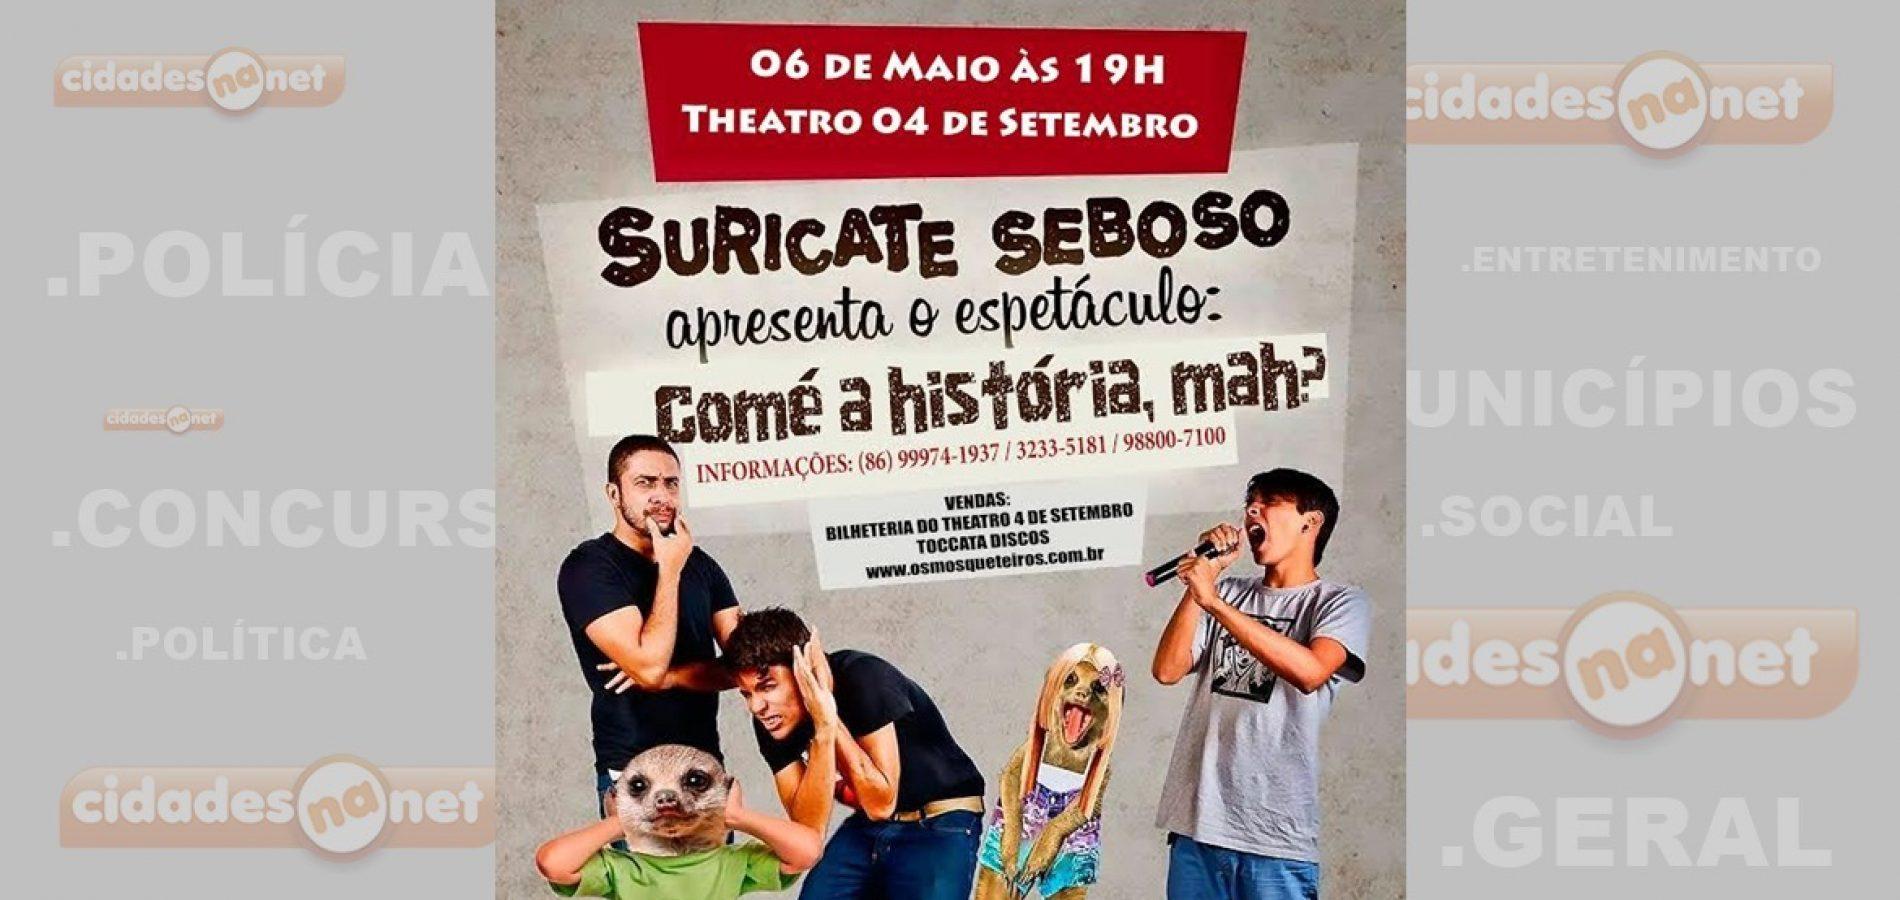 'Suricate Seboso' apresenta show em Teresina no domingo (06)